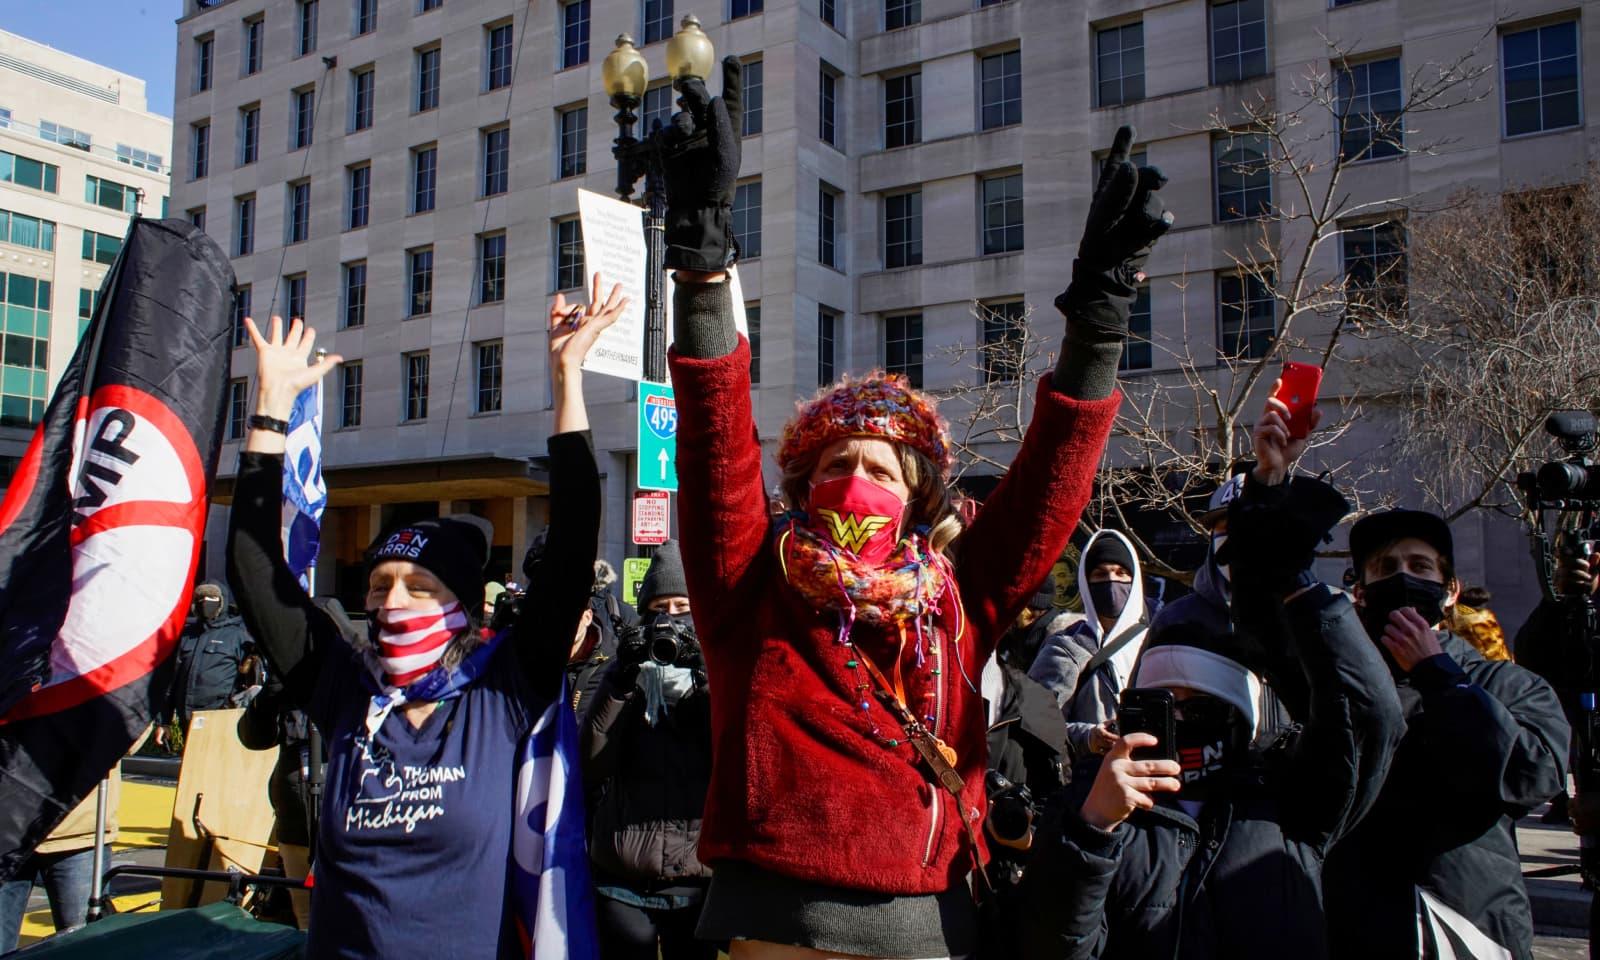 جو بائیڈن کے حلف اٹھانے کے بعد ان کے حامیوں نے جشن منایا — فوٹو: رائٹرز